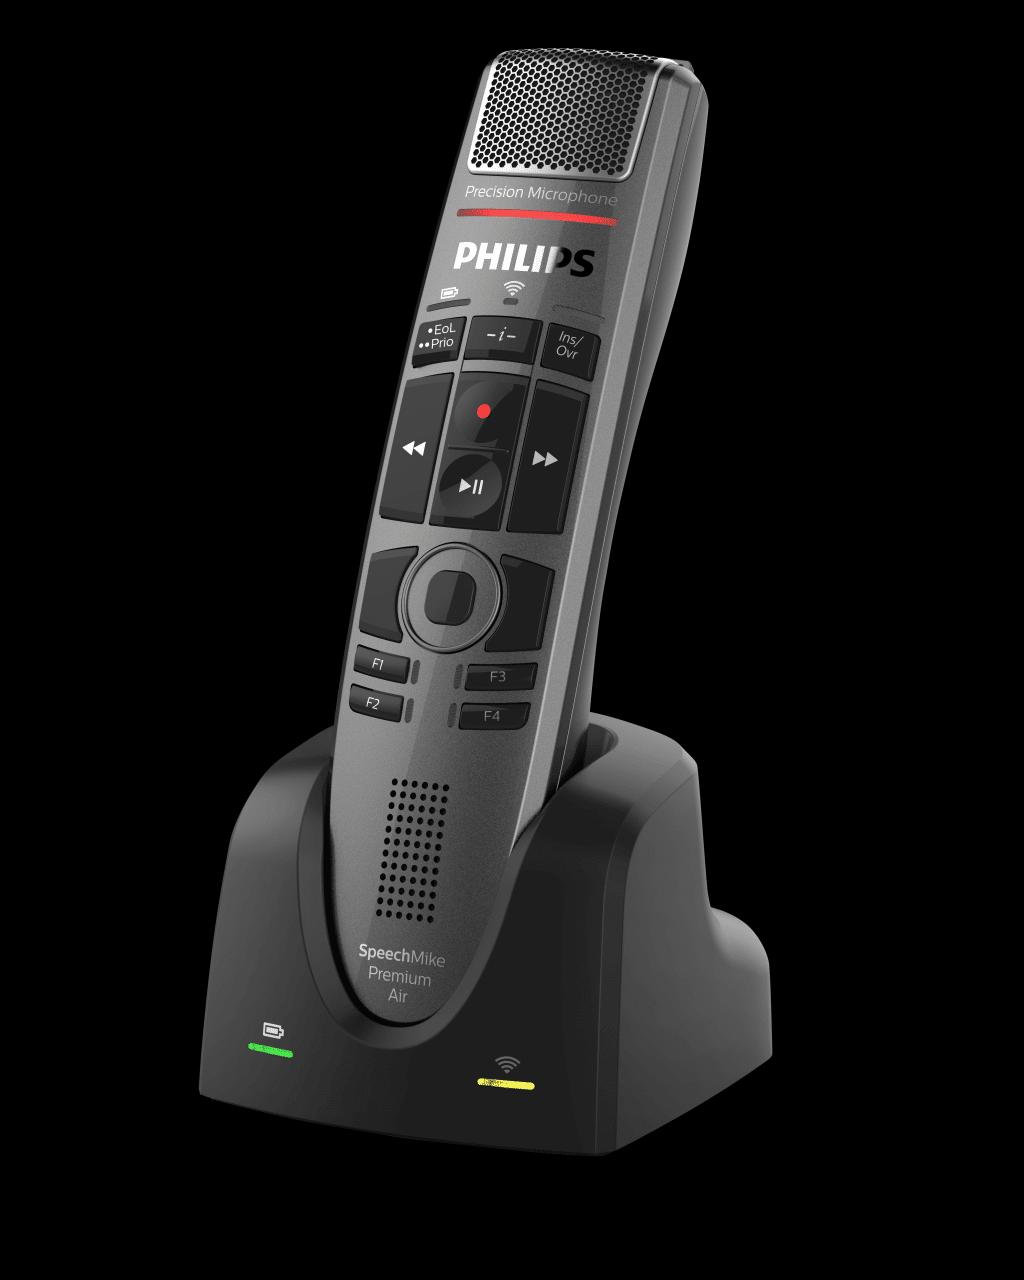 smp4000 philips speechmike premium air ts2 rgb